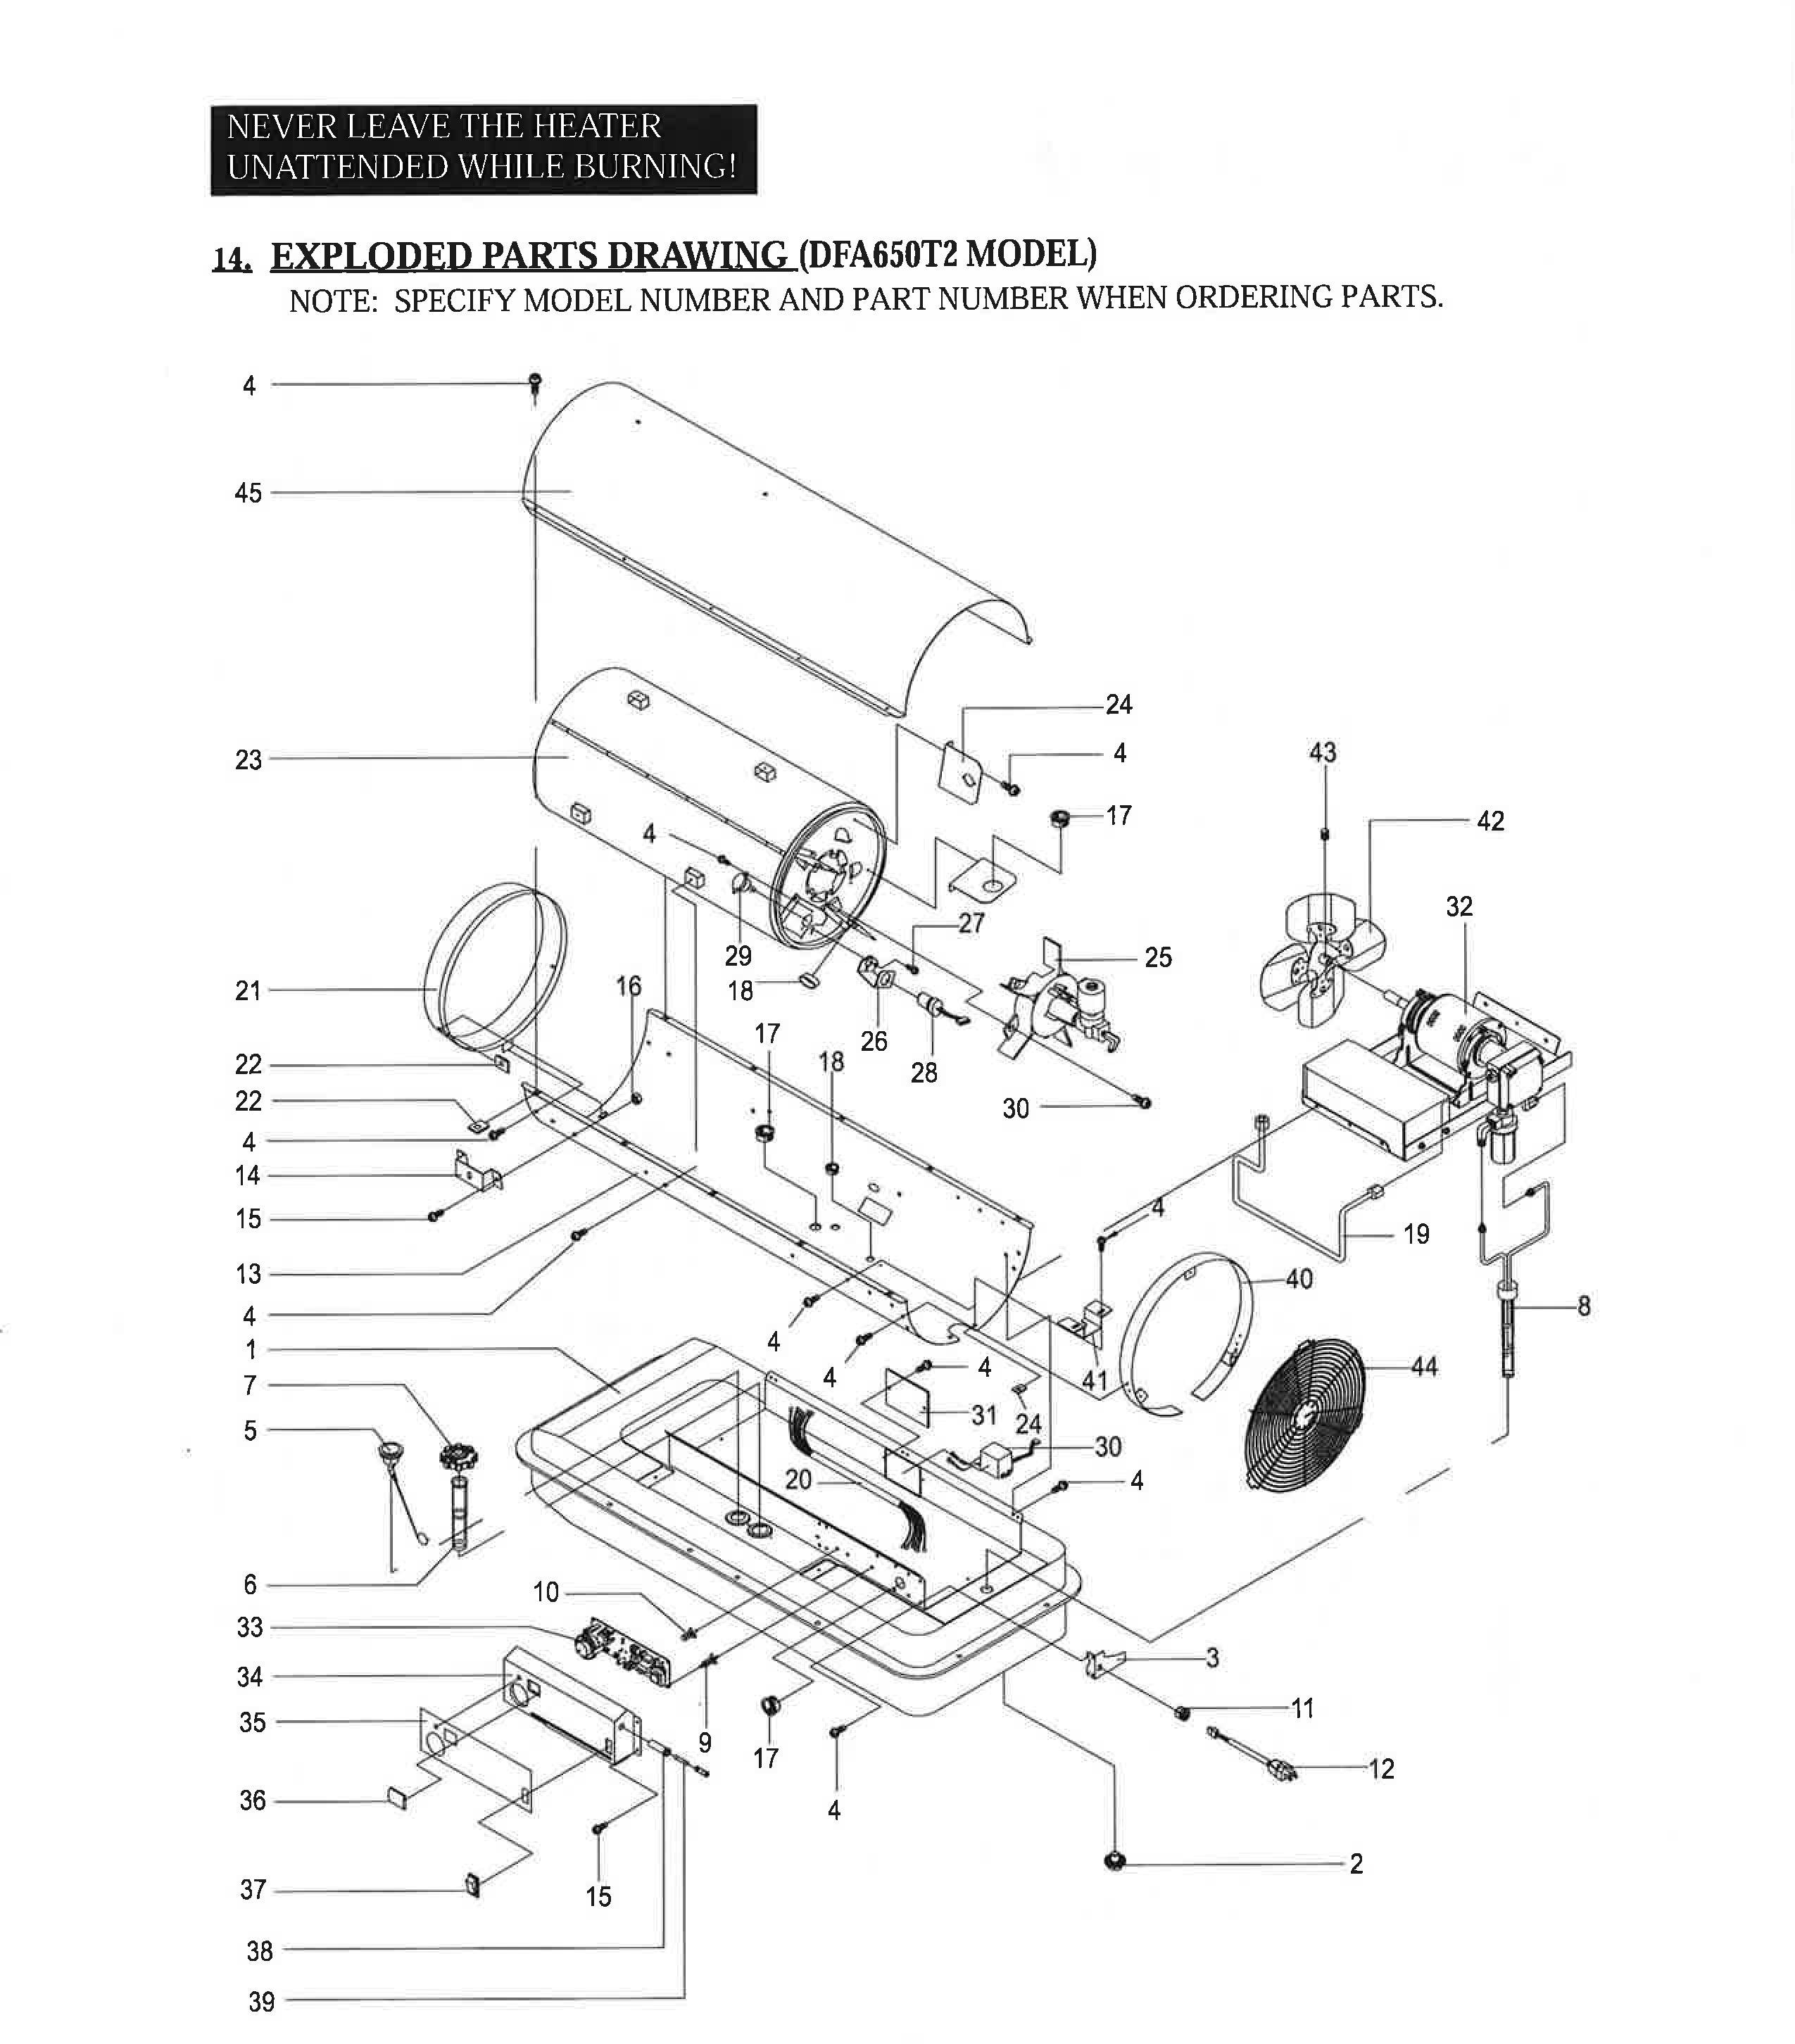 Dura Heat Dfa650t 650 000 Btu Kerosene Forced Air Heater